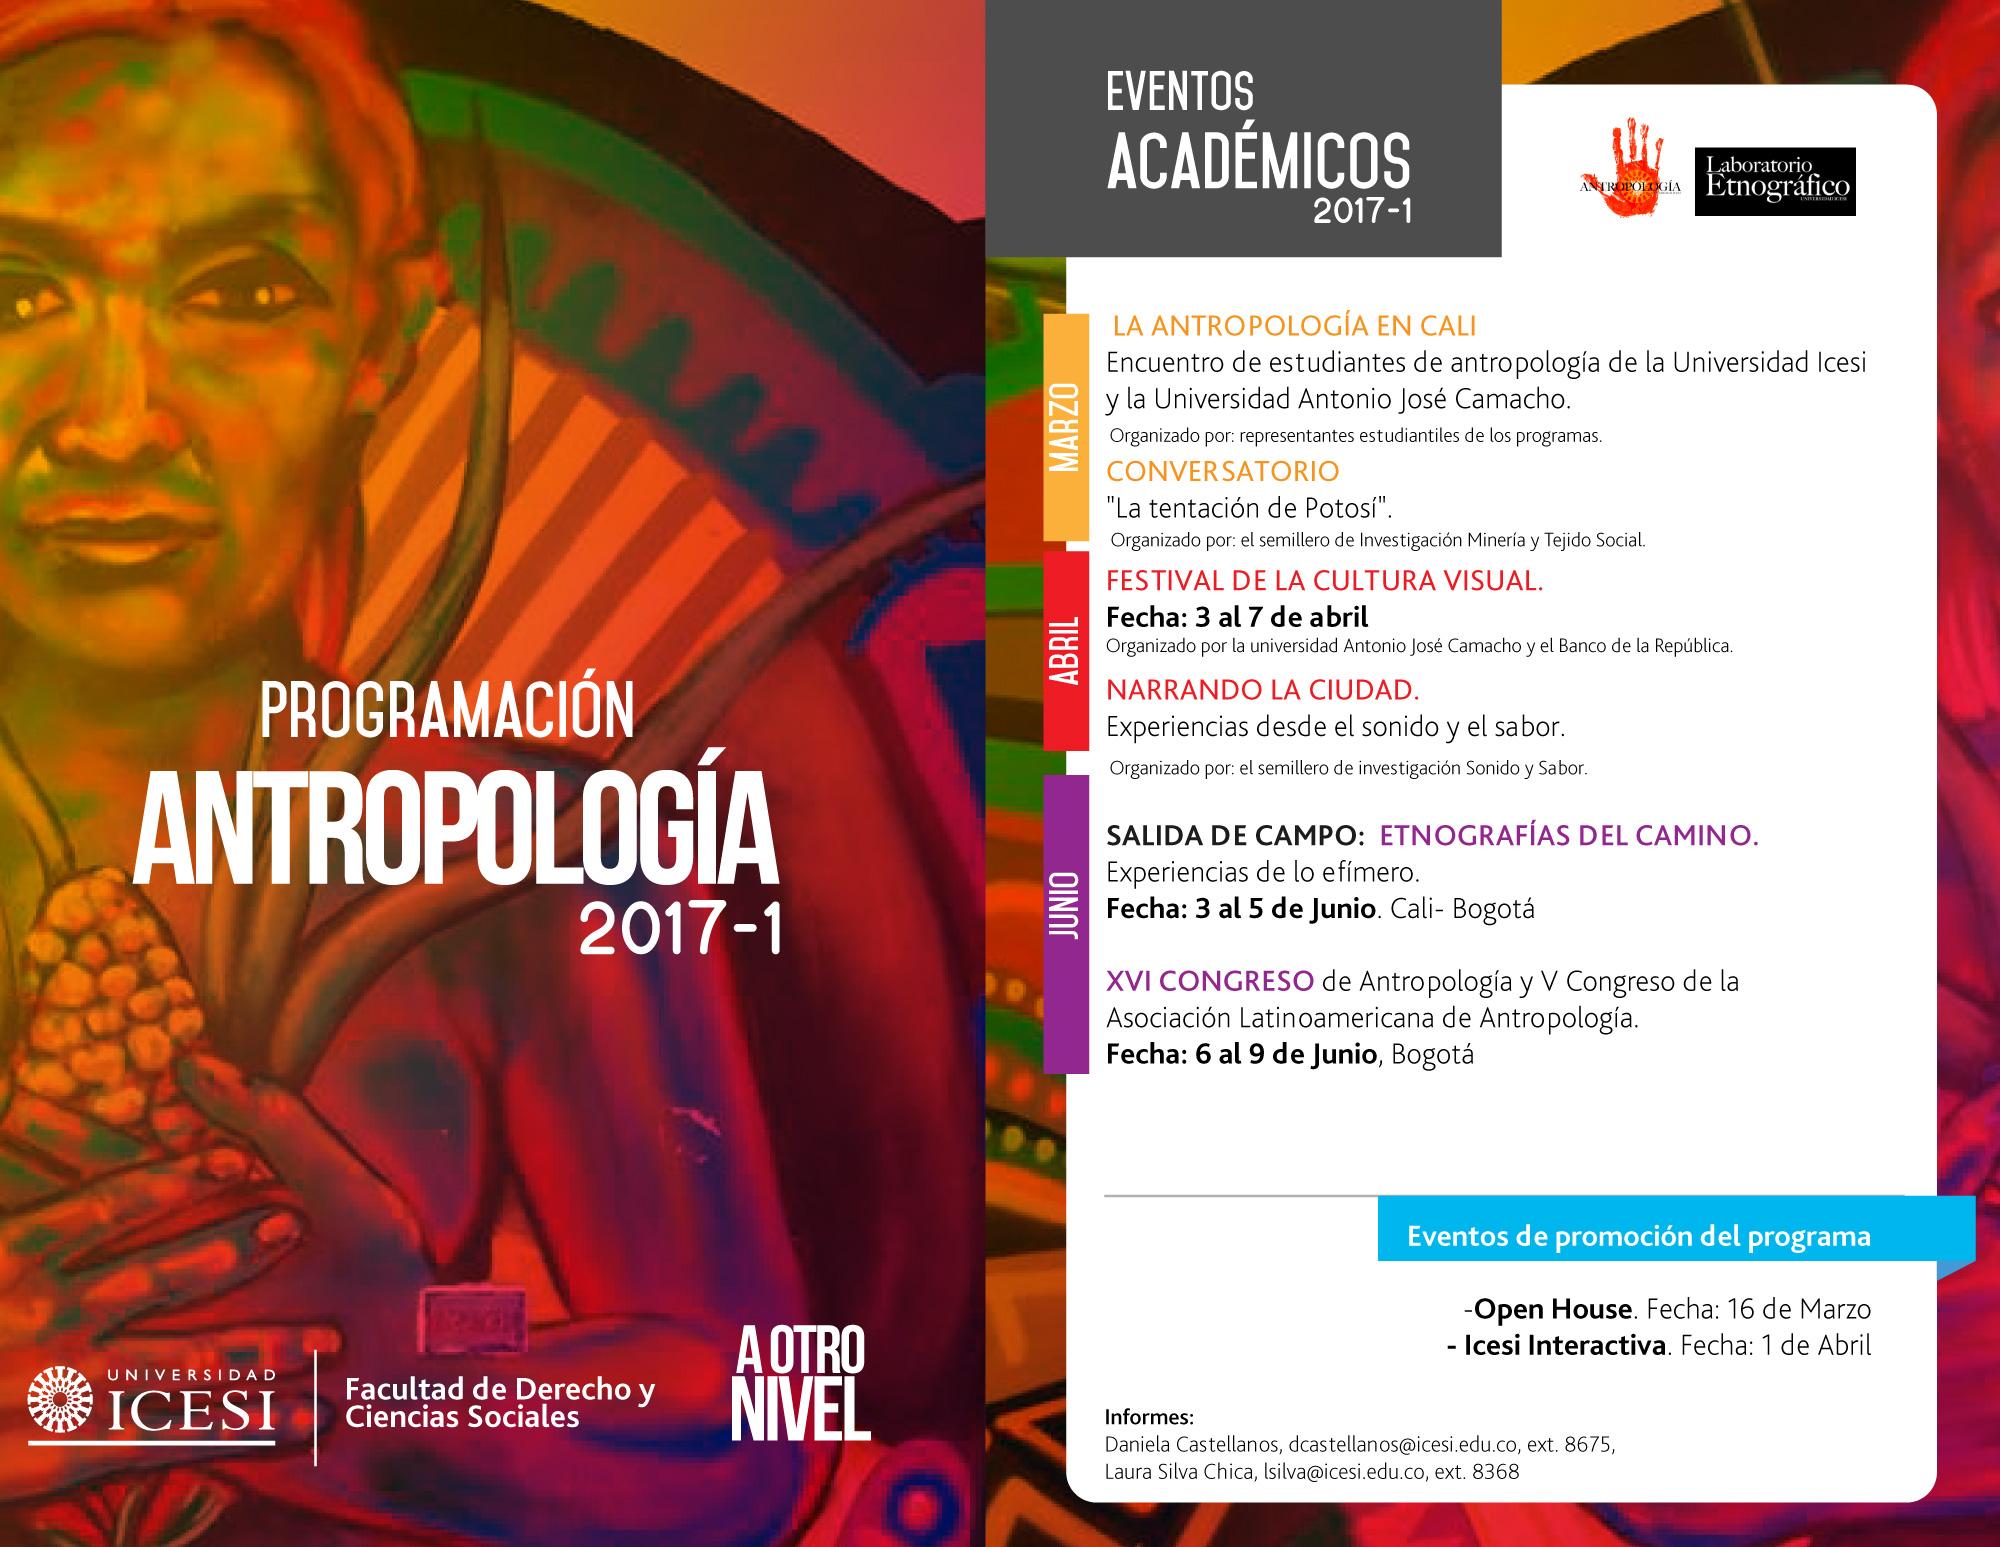 programacion-antropologia-4